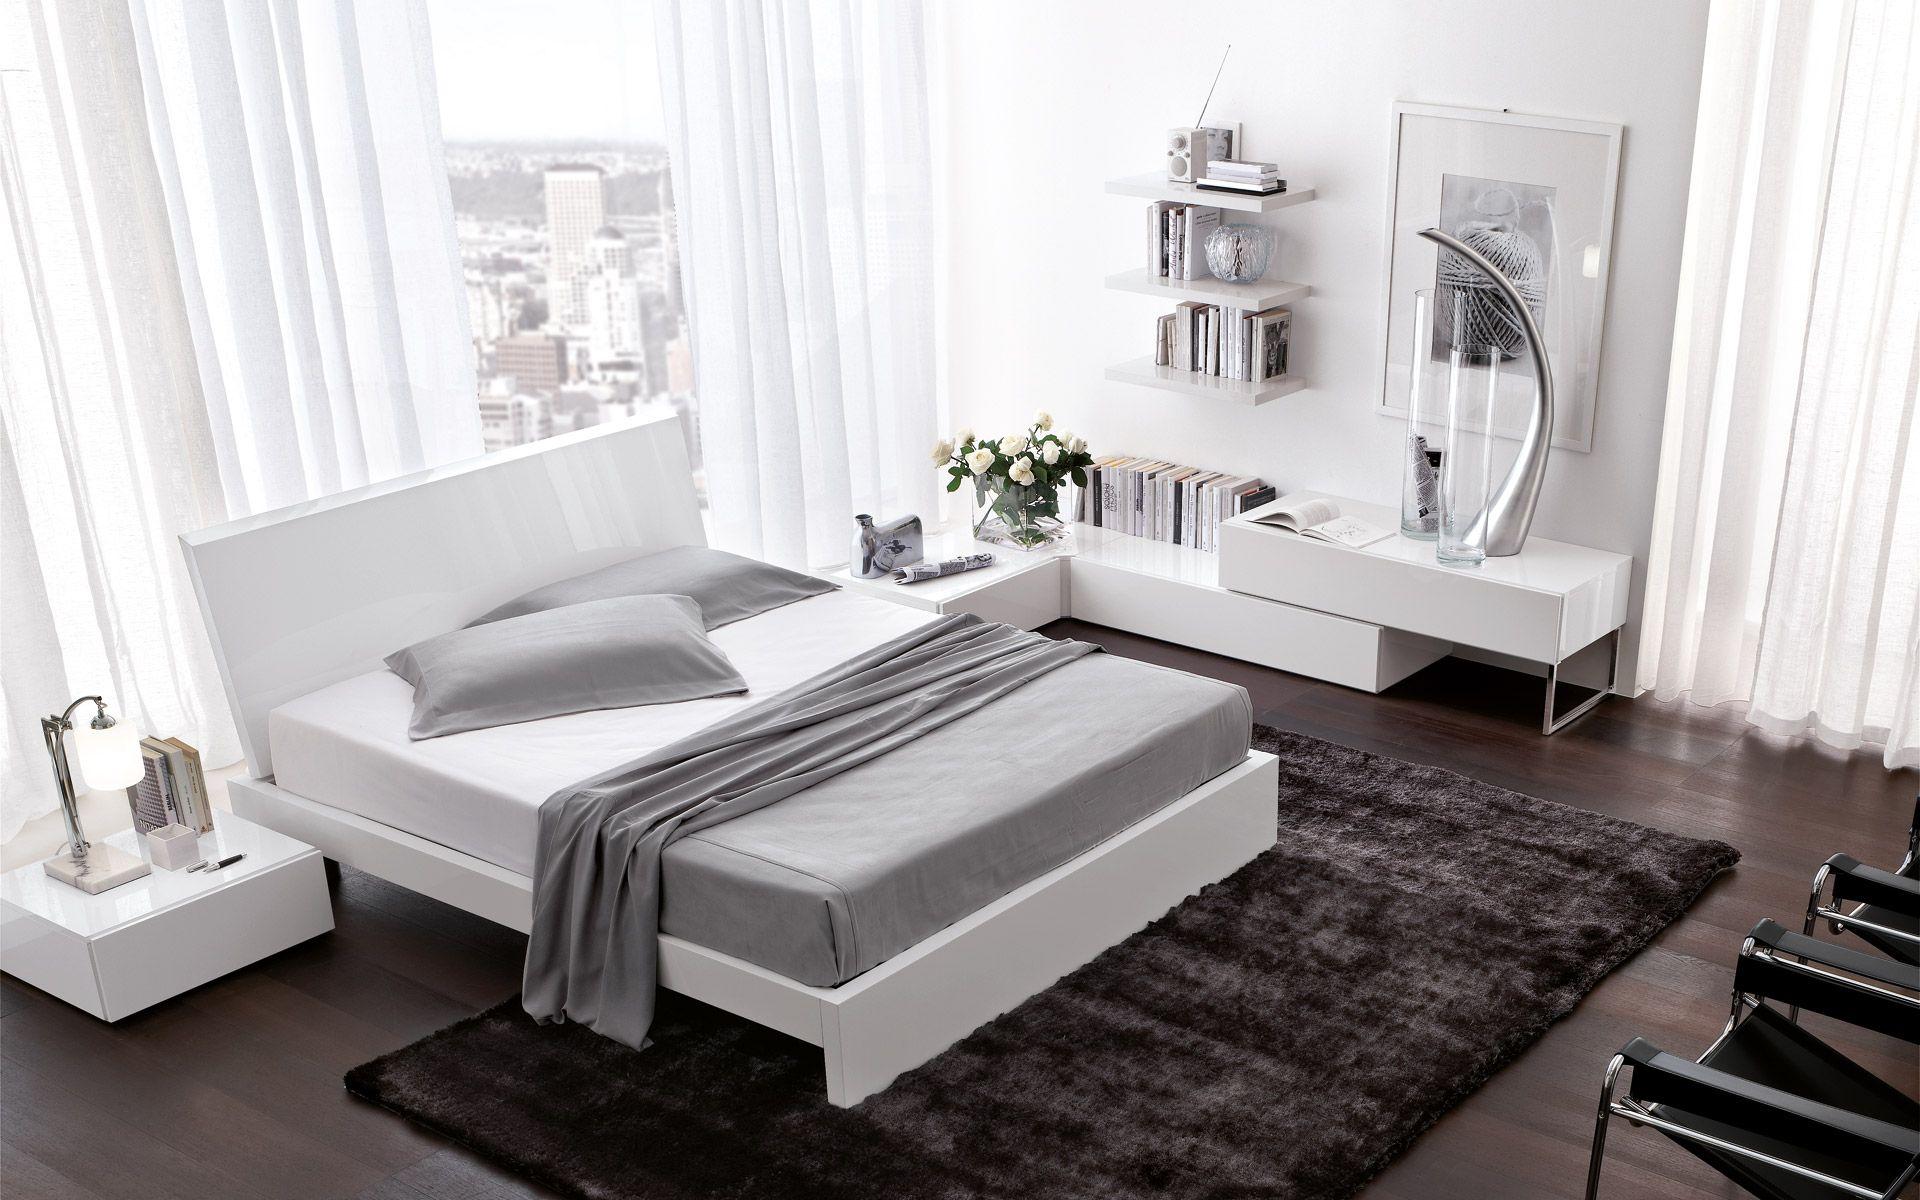 Nuova offerta: Camere da letto – Cornedo Vicentino, Valdagno ...